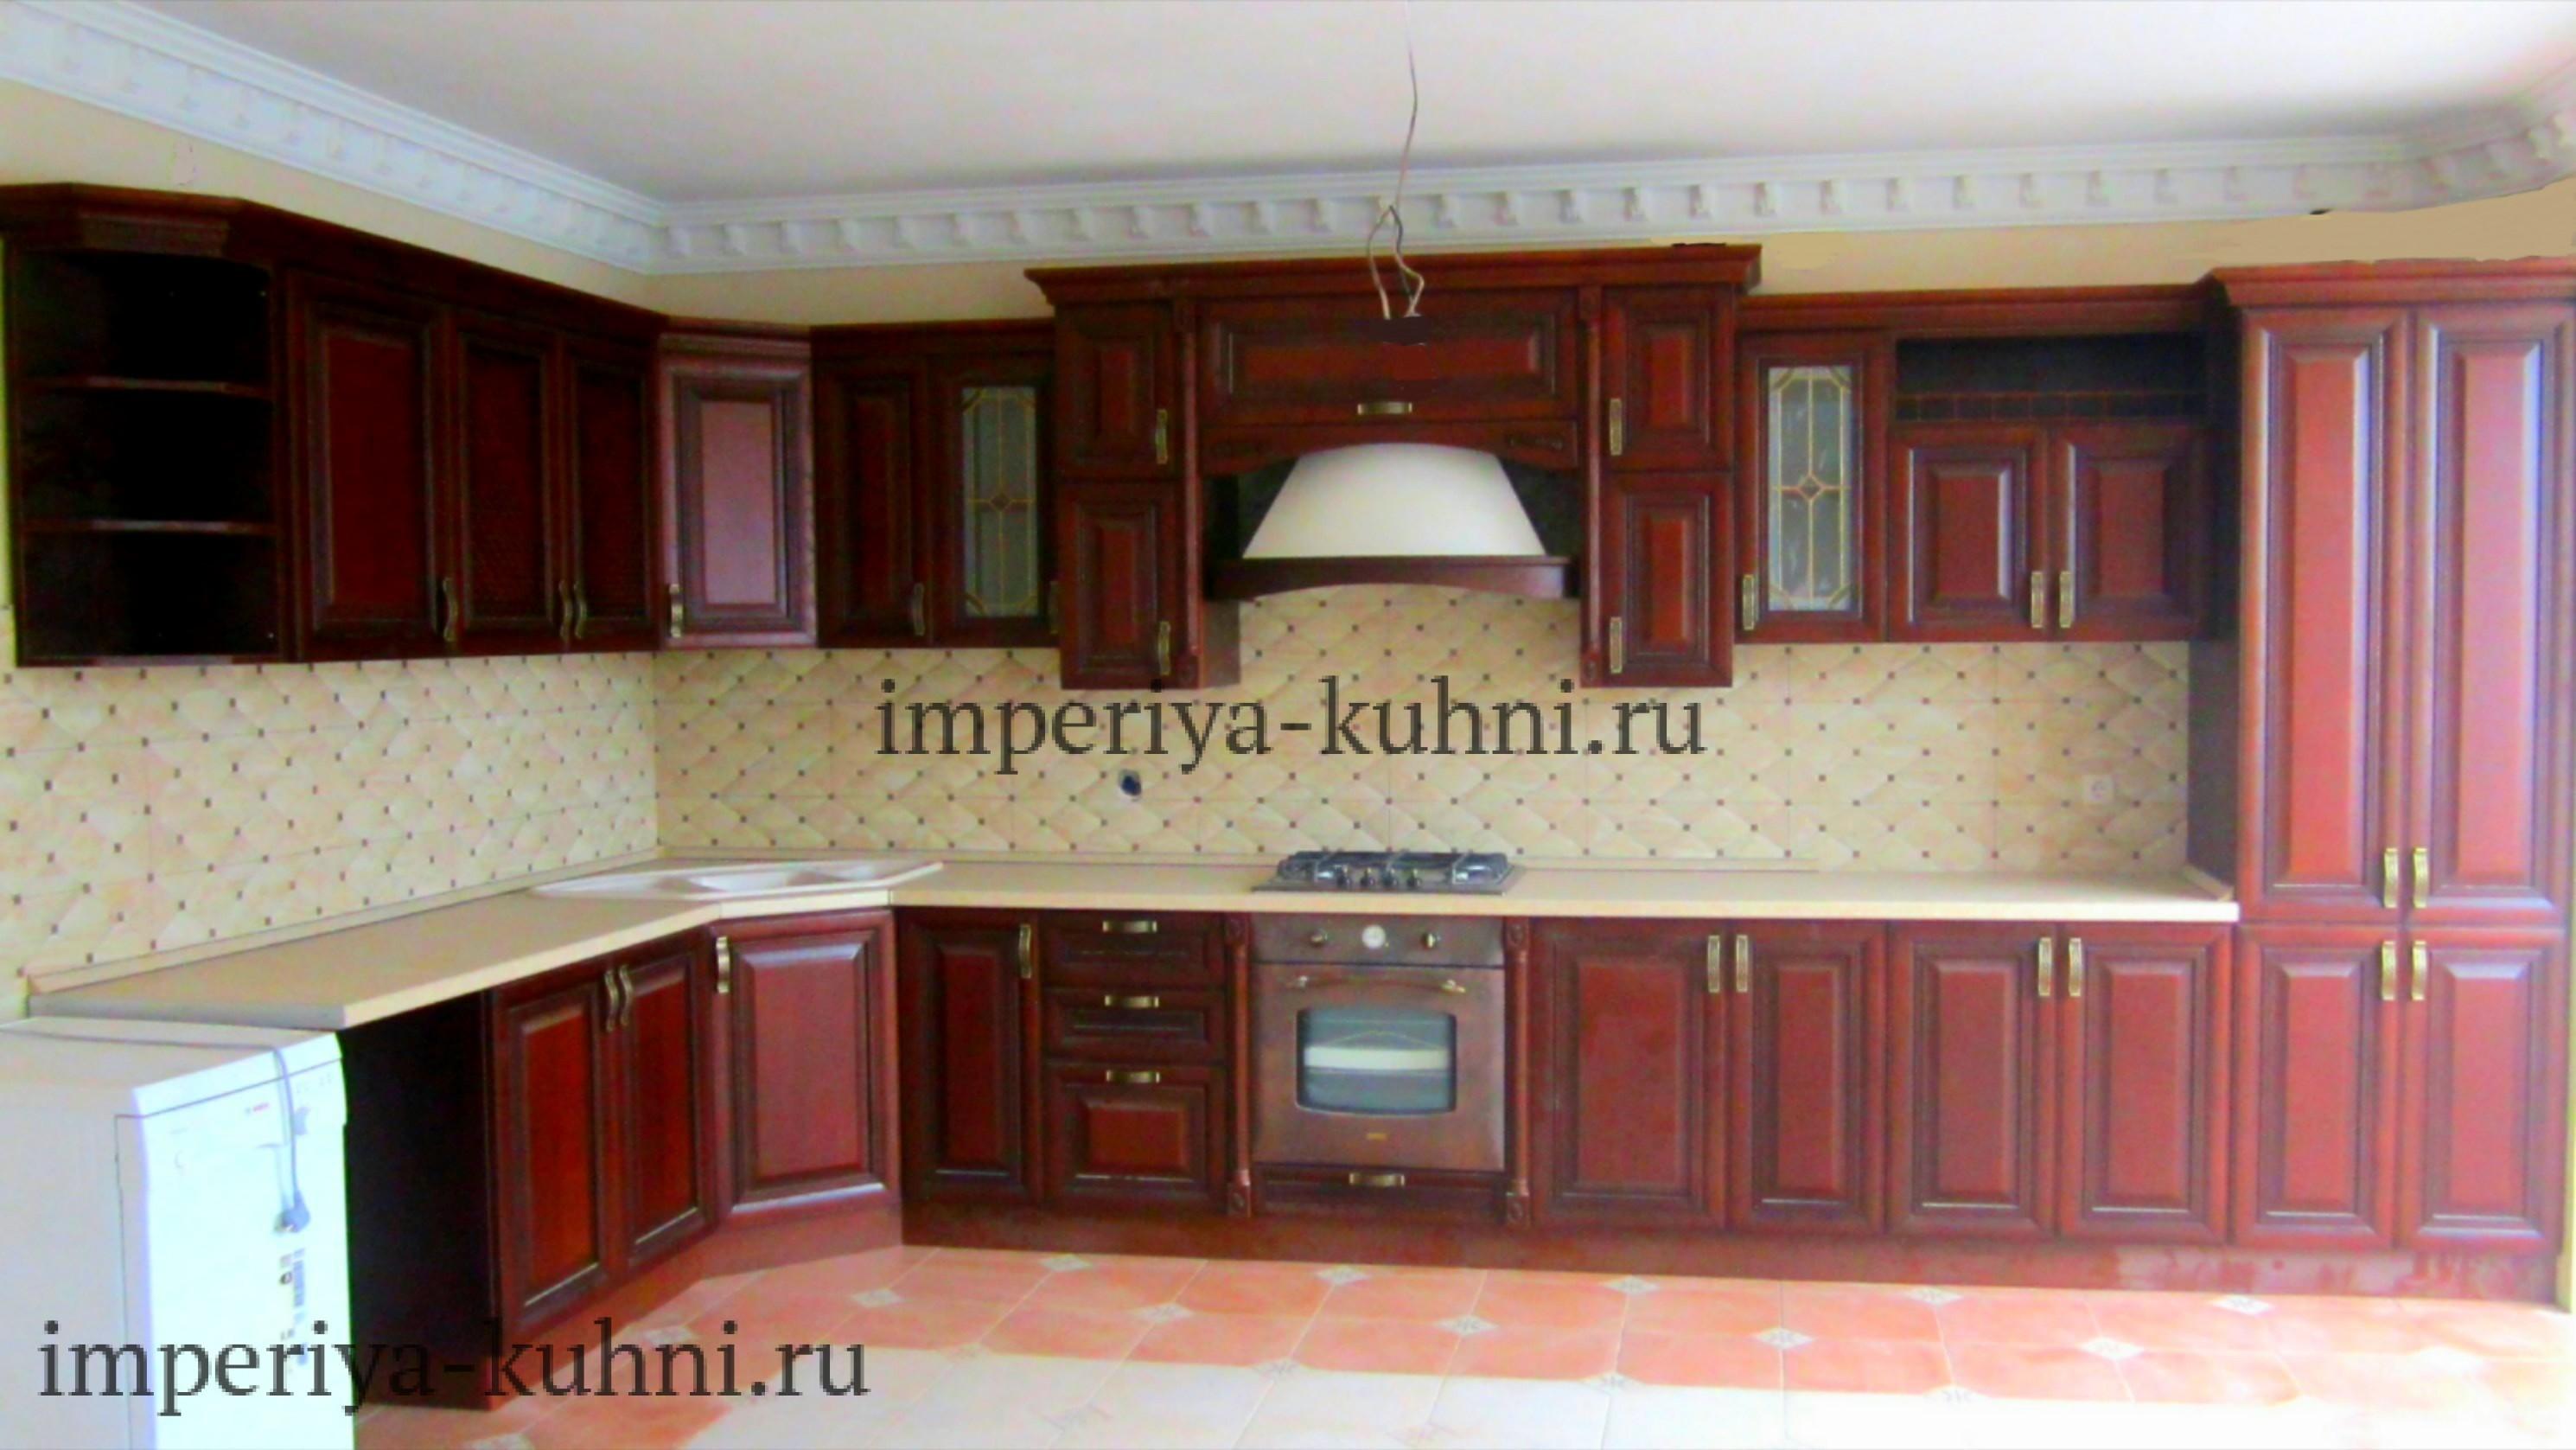 Фото кухни из массива ольхи. Модель-Татьяна. Цвет-темный.